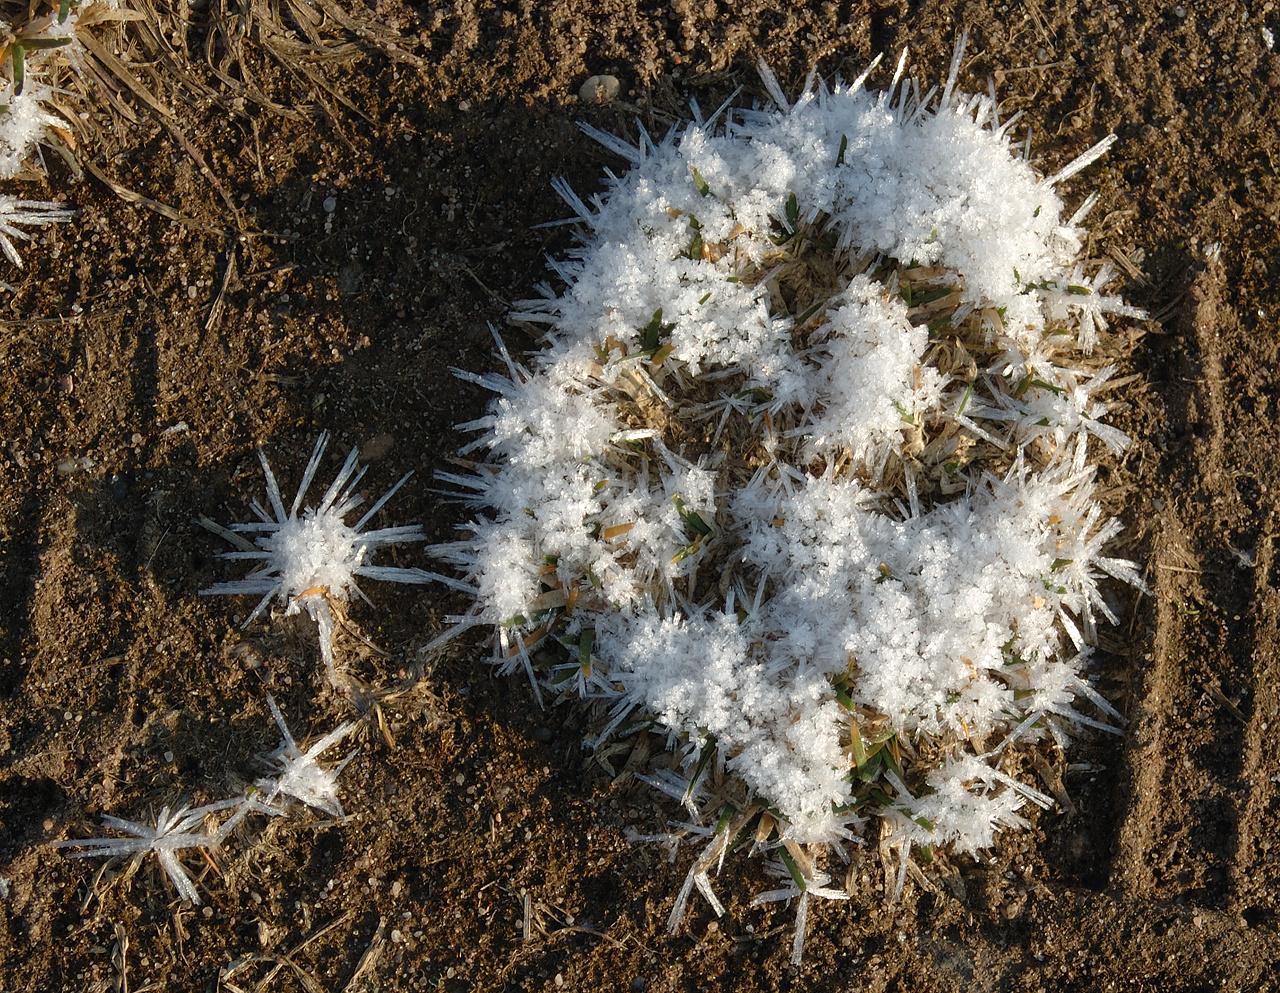 Die filigranen Wunderweke der Natur